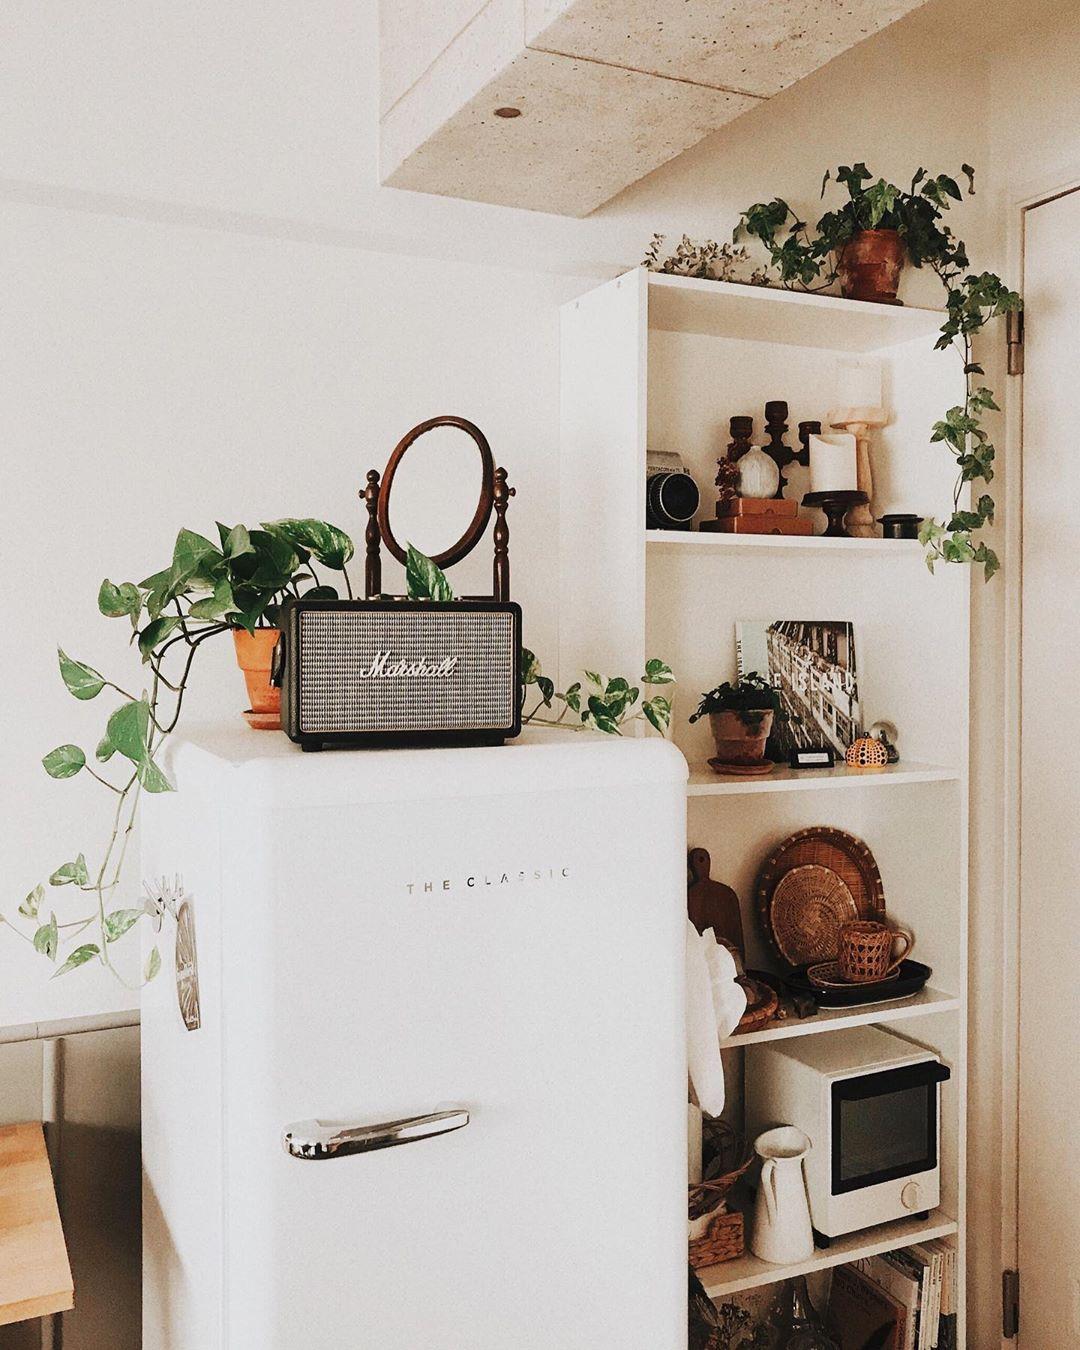 冷蔵庫の横に置いている棚はIKEAのBILLY。実用的な道具と、ディスプレイをうまく組み合わせ、自分のモチベーションが上がるように工夫されています。(このお部屋をもっと見る)